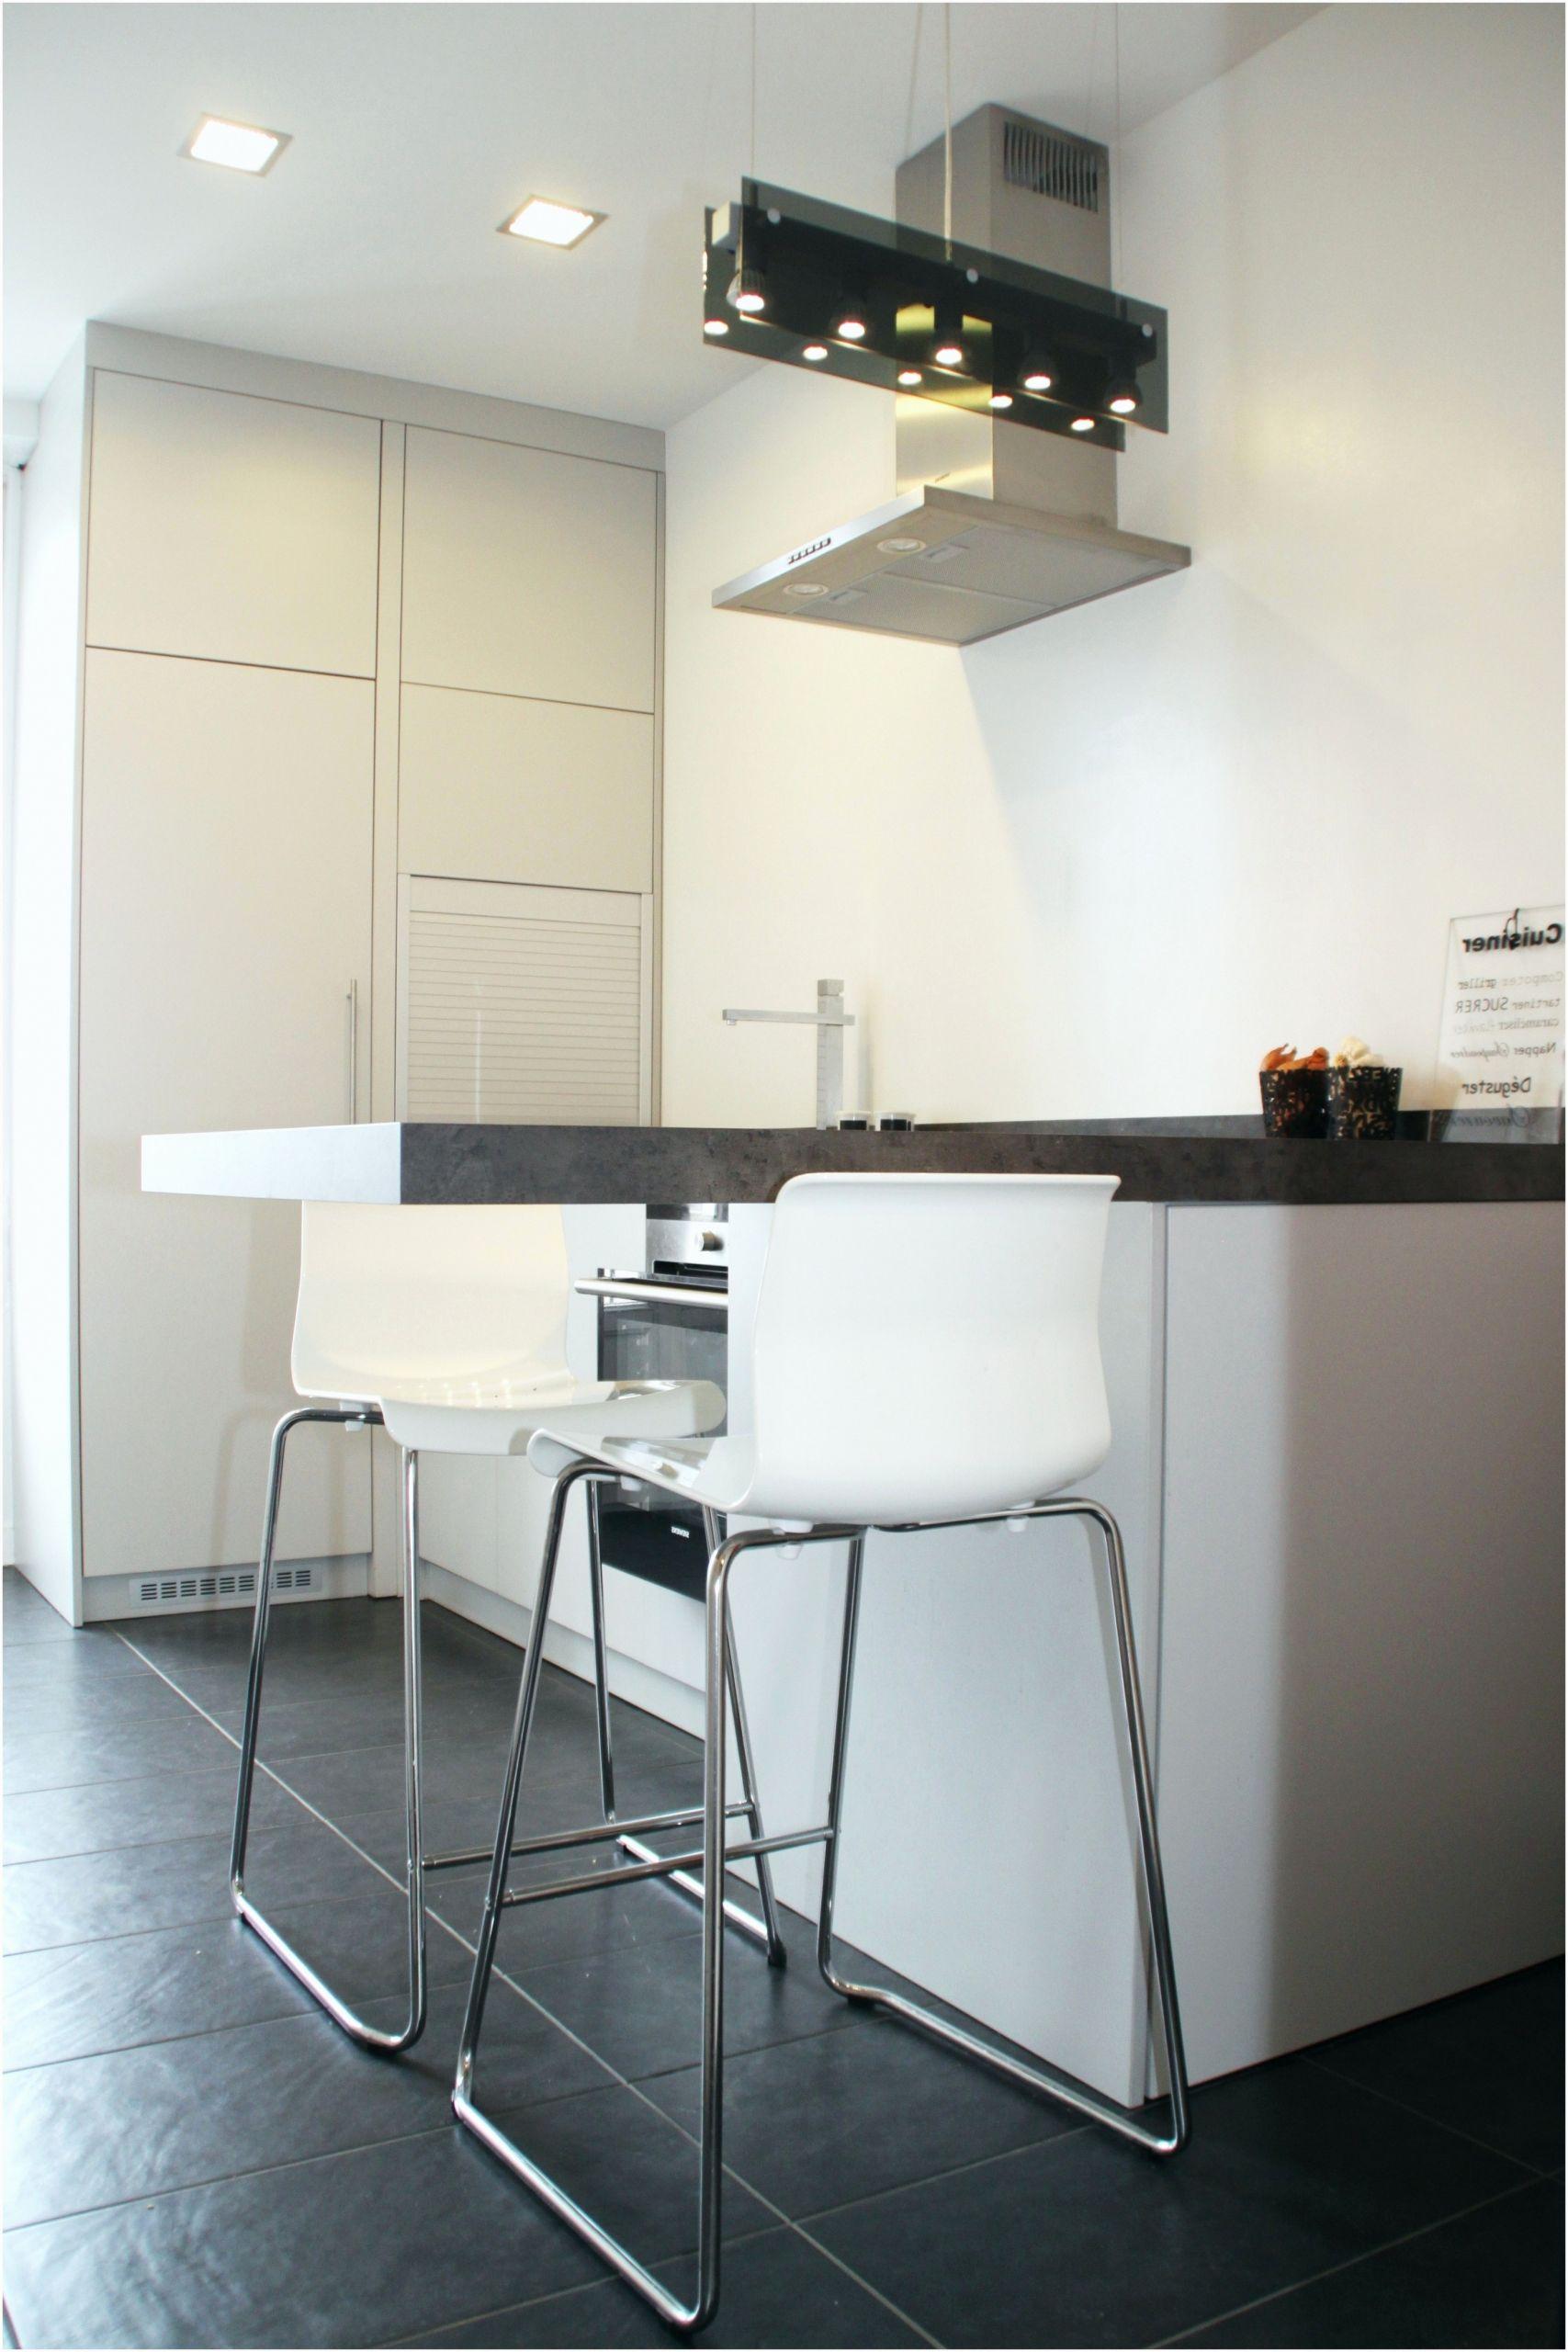 meuble cuisine le bon coin meuble tv coin beau le bon coin 30 meubles unique littoral meuble 0d of meuble cuisine le bon coin